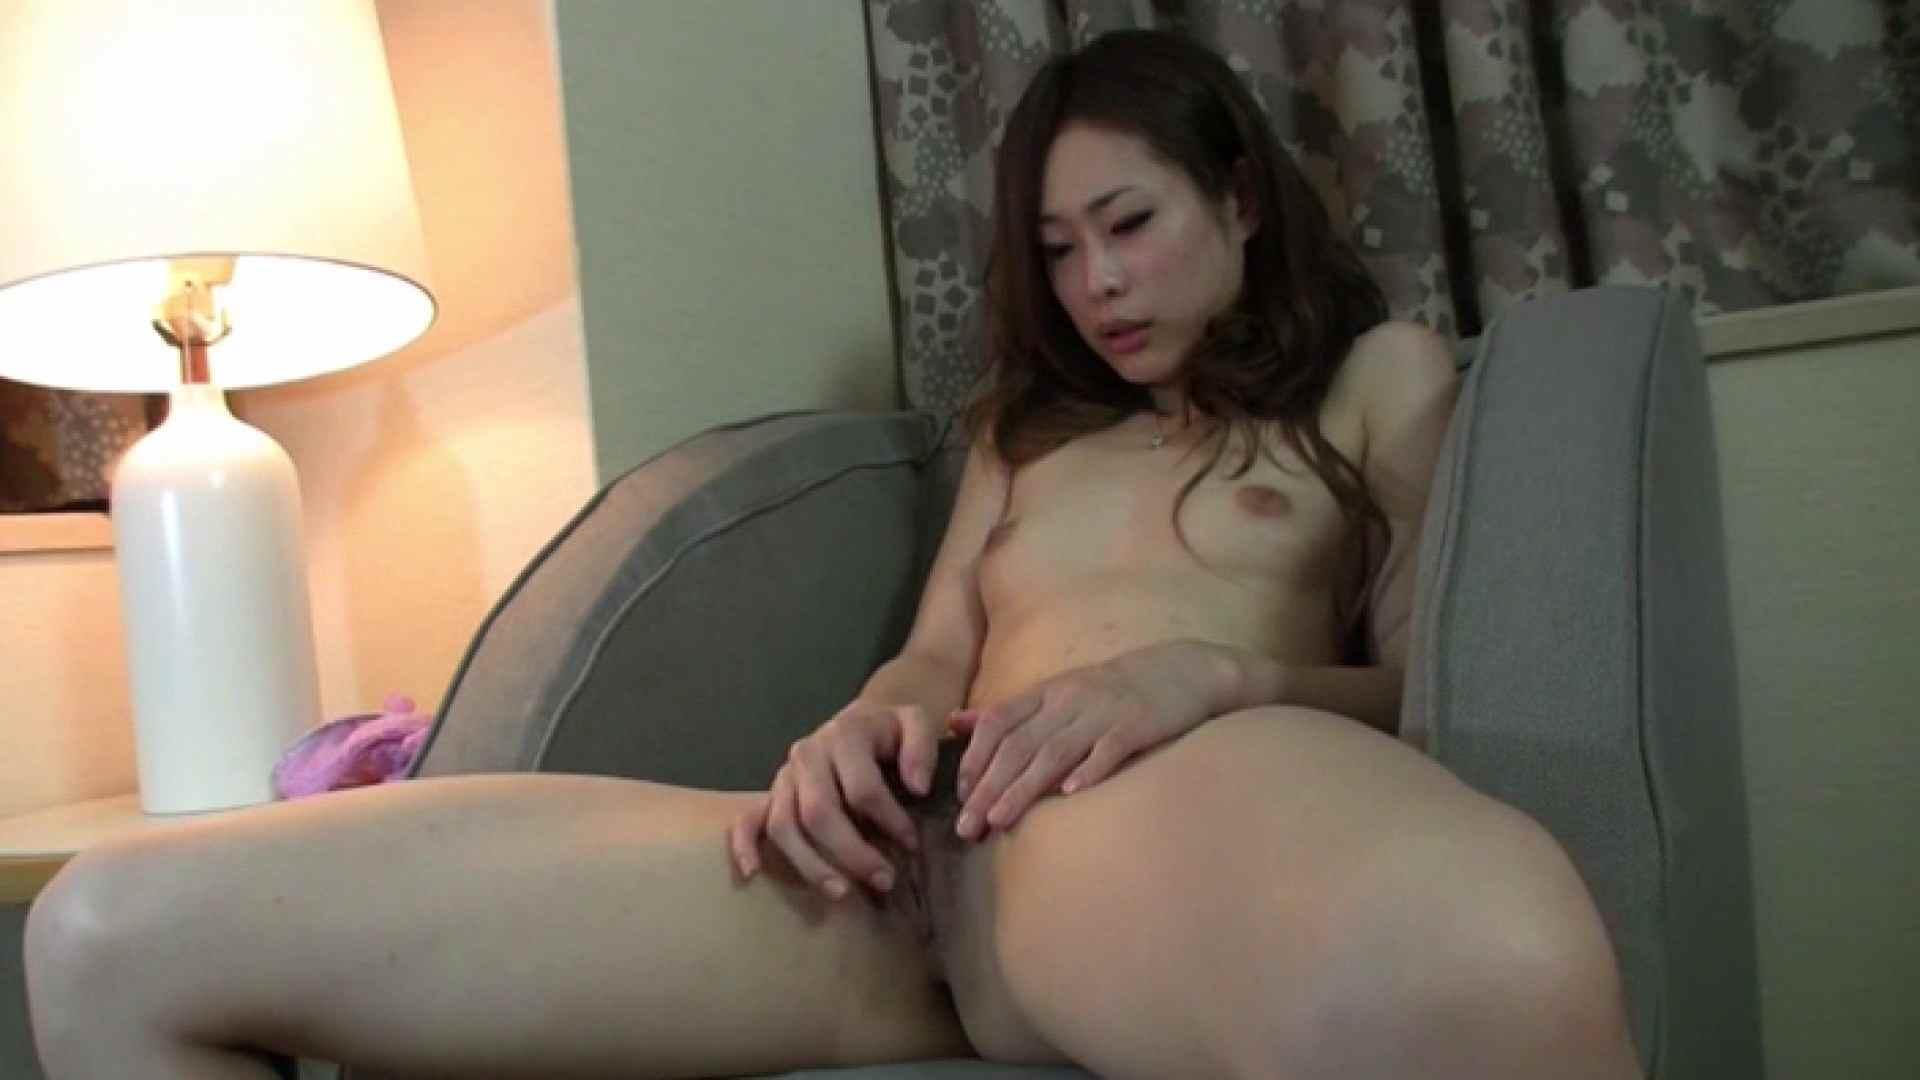 おしえてギャル子のH塾 Vol.34前編 美女OL おまんこ動画流出 109連発 100